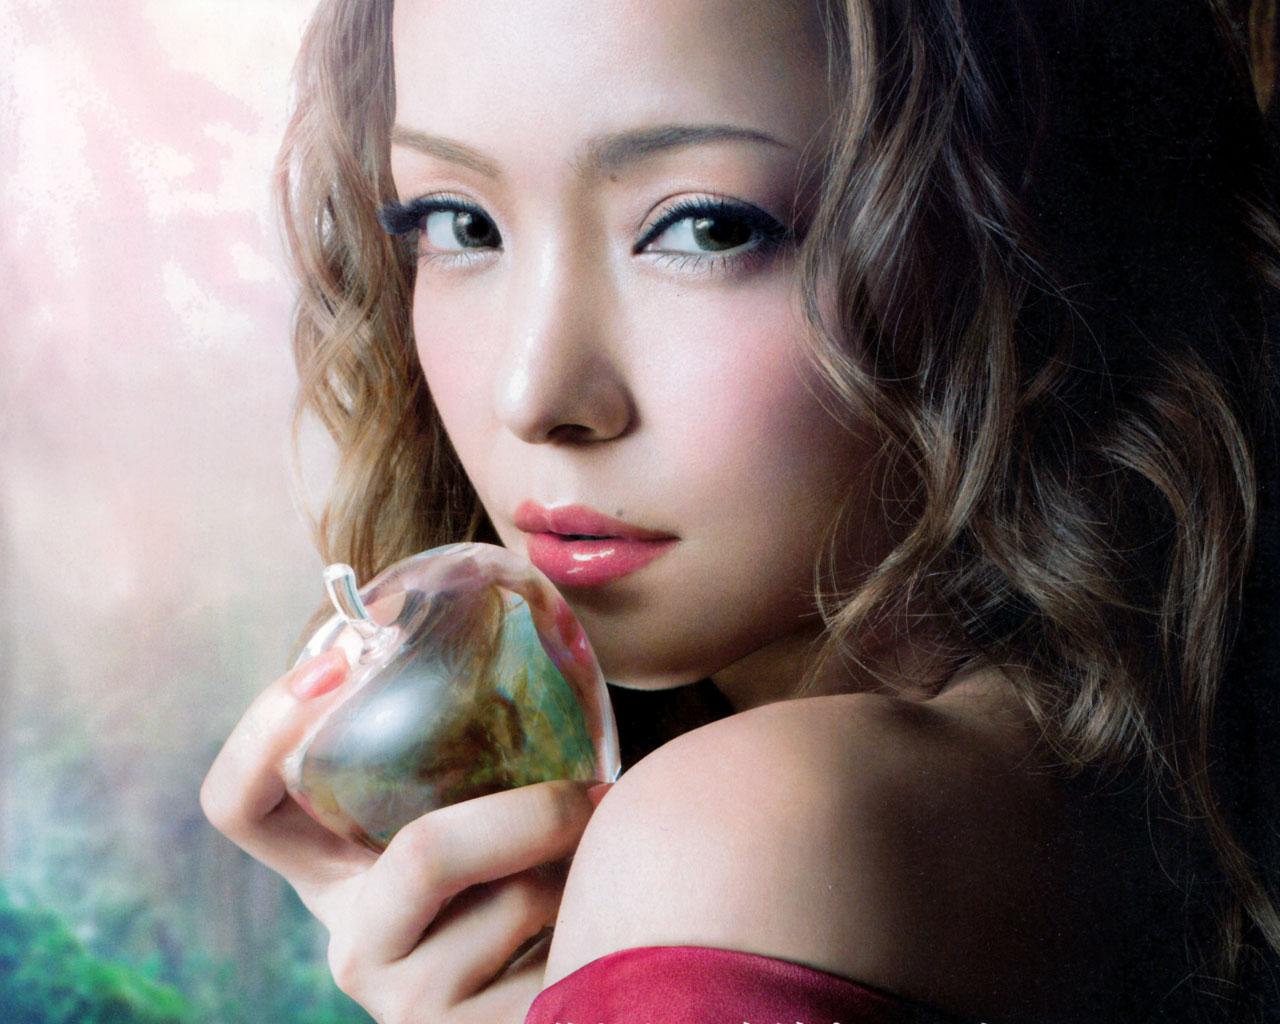 【エンタメ画像】安室奈美恵(38)の坊っちゃん(18)、安室奈美恵と一緒に浴室に入った結果→→(坊っちゃんの画像あり)